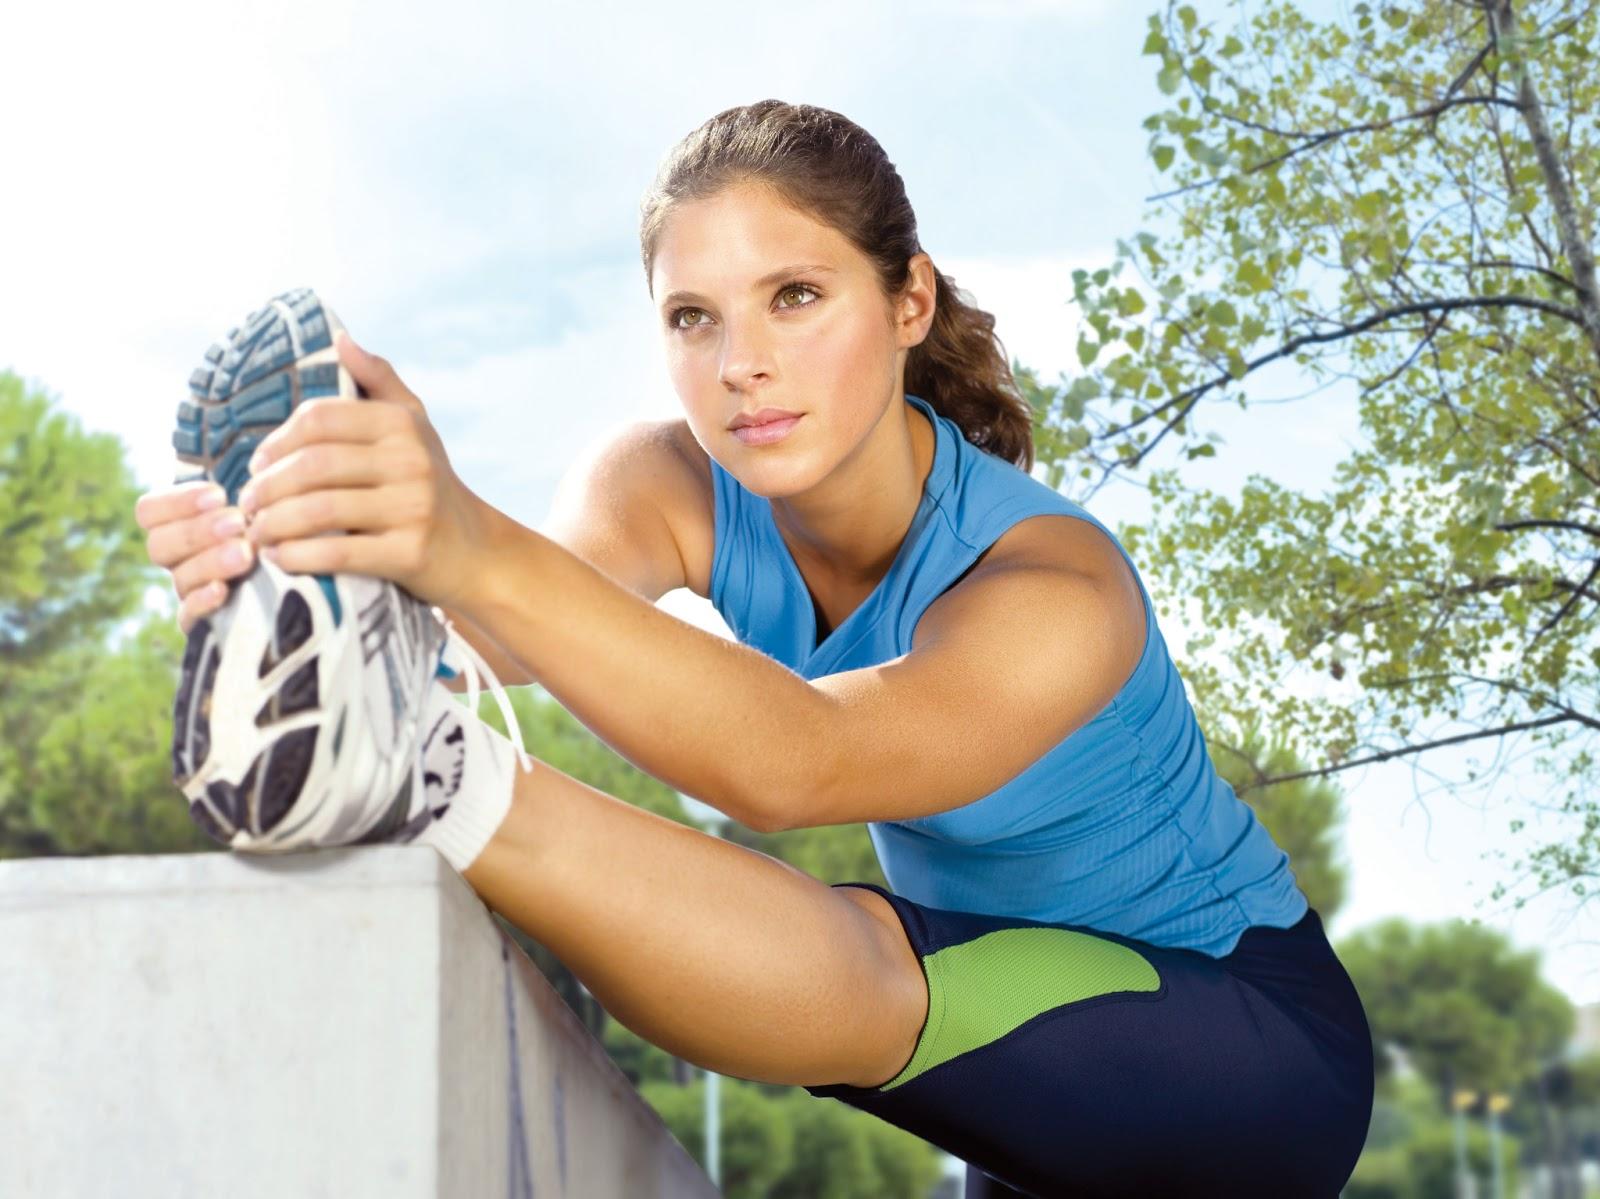 نصائح كيفية ممارسة الرياضة بشكل صحي